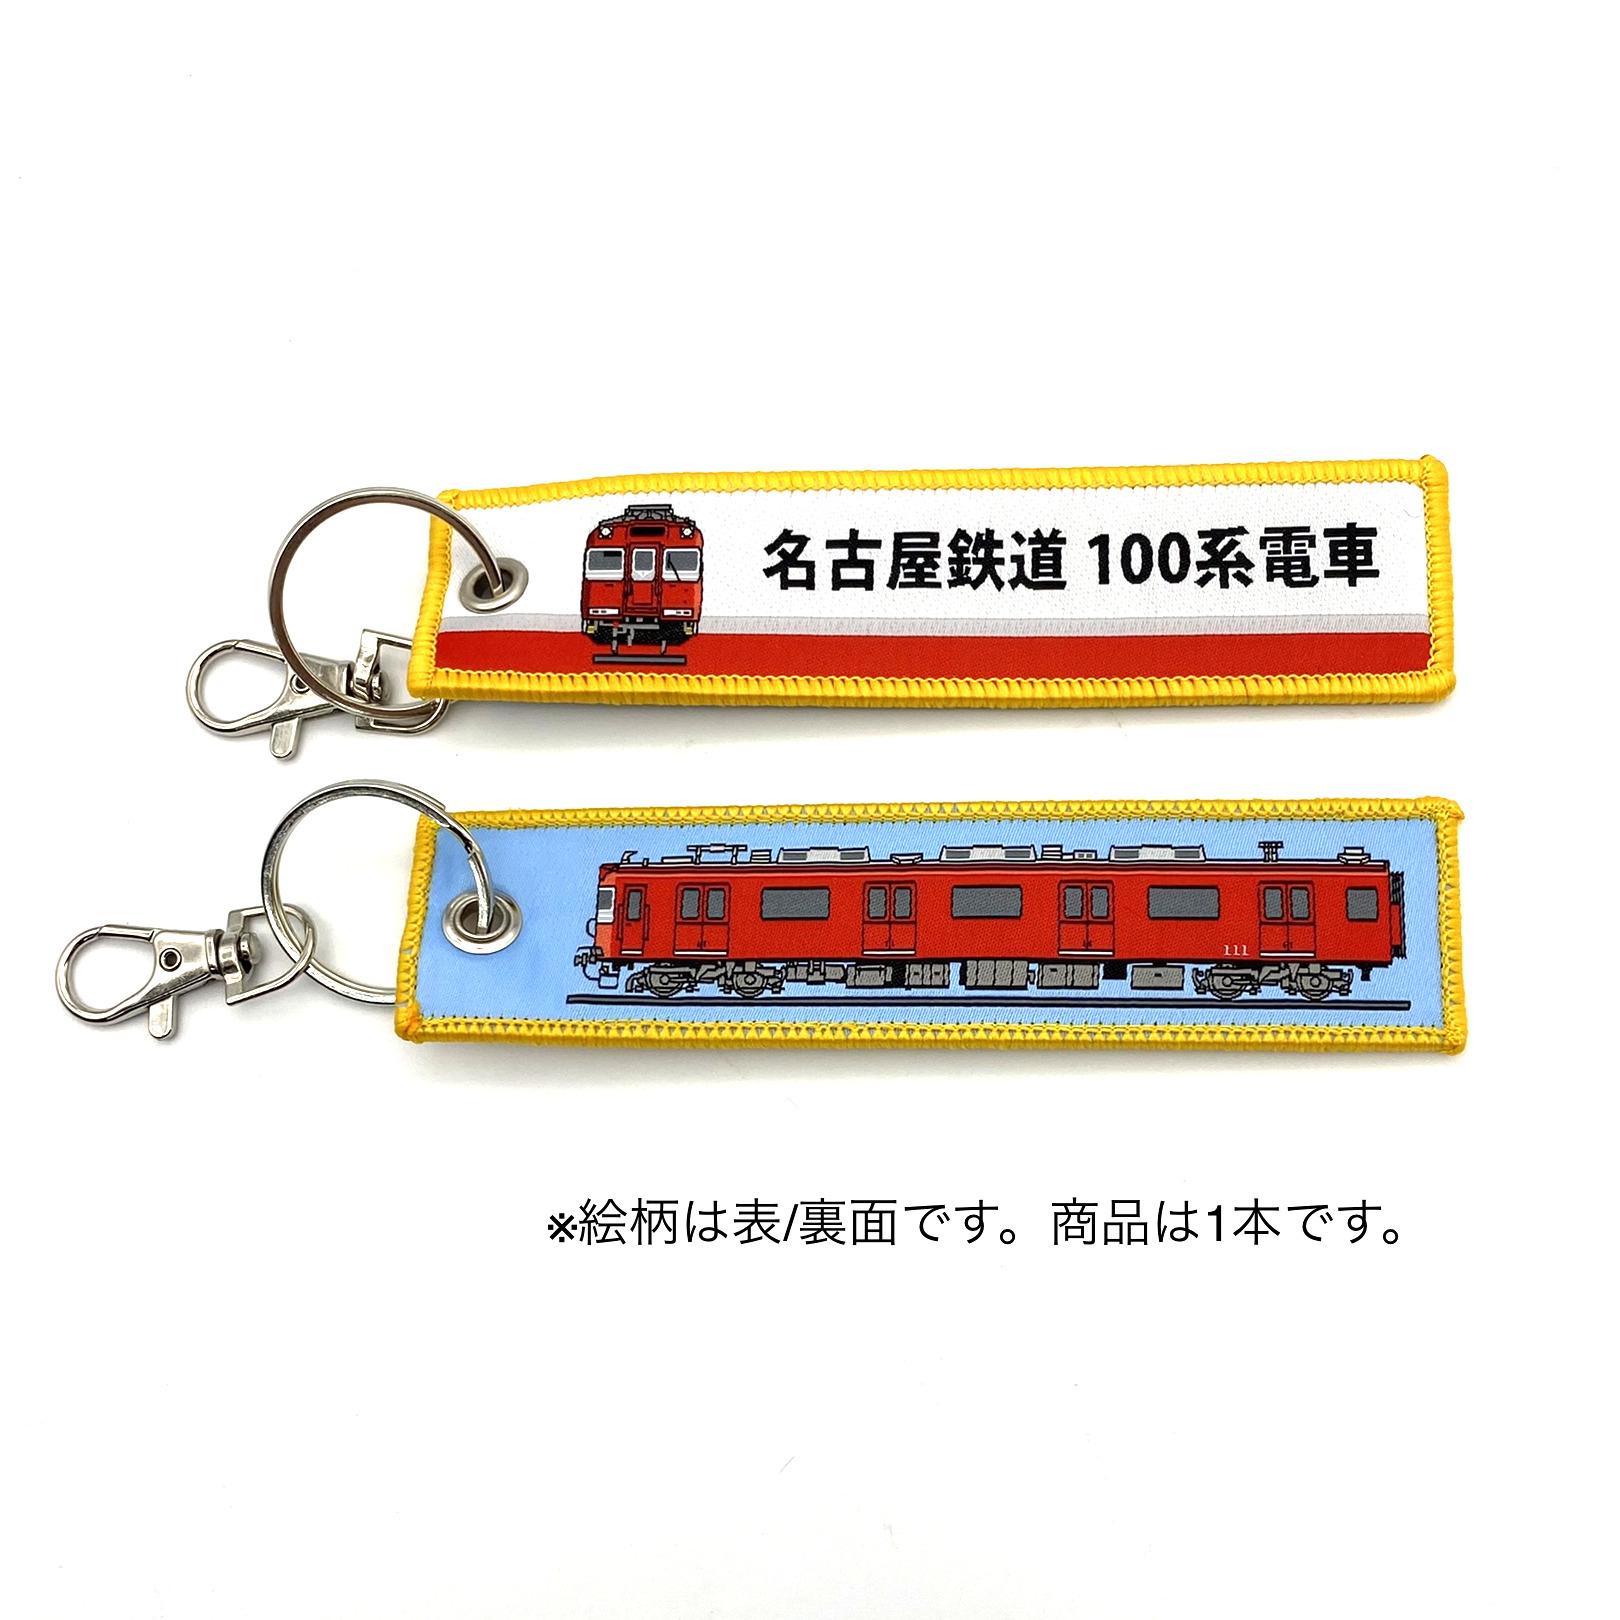 KBオリジナルアイテム 名古屋鉄道 100系電車